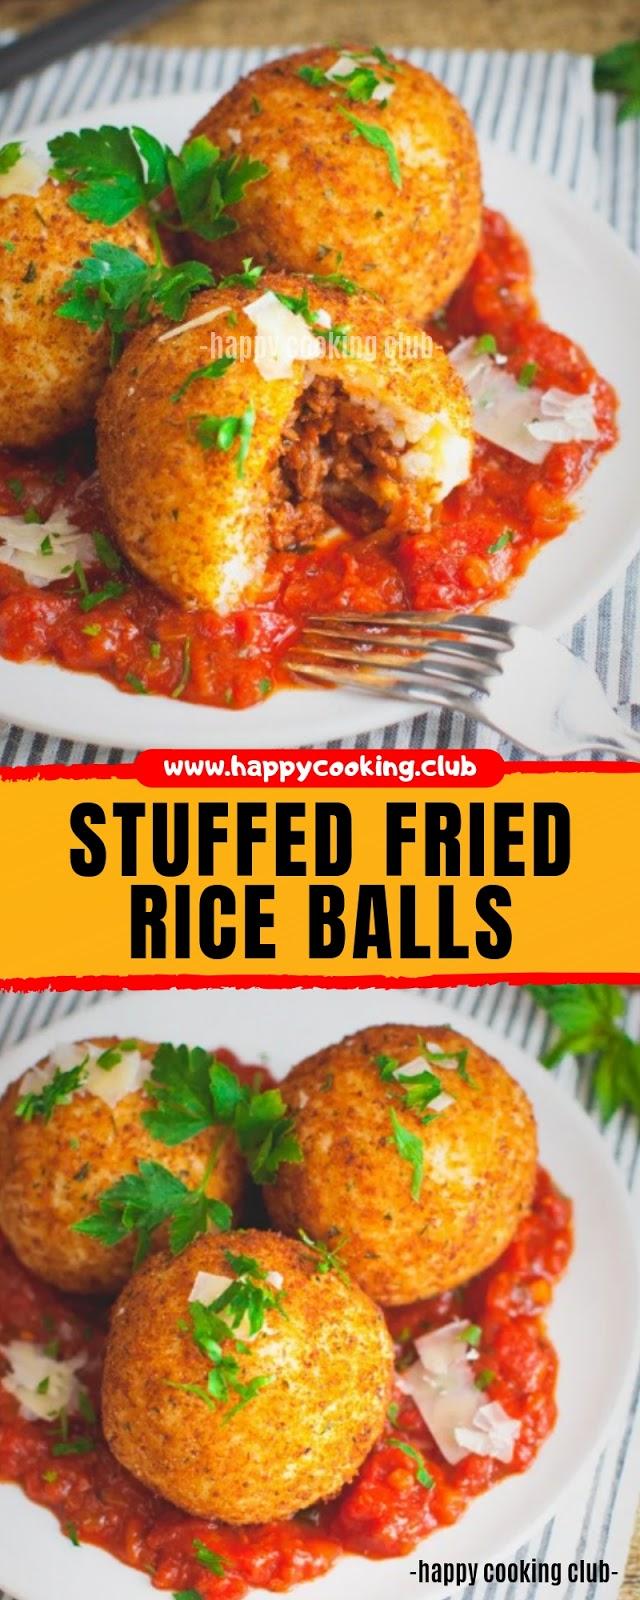 STUFFED FRIED RICE BALLS